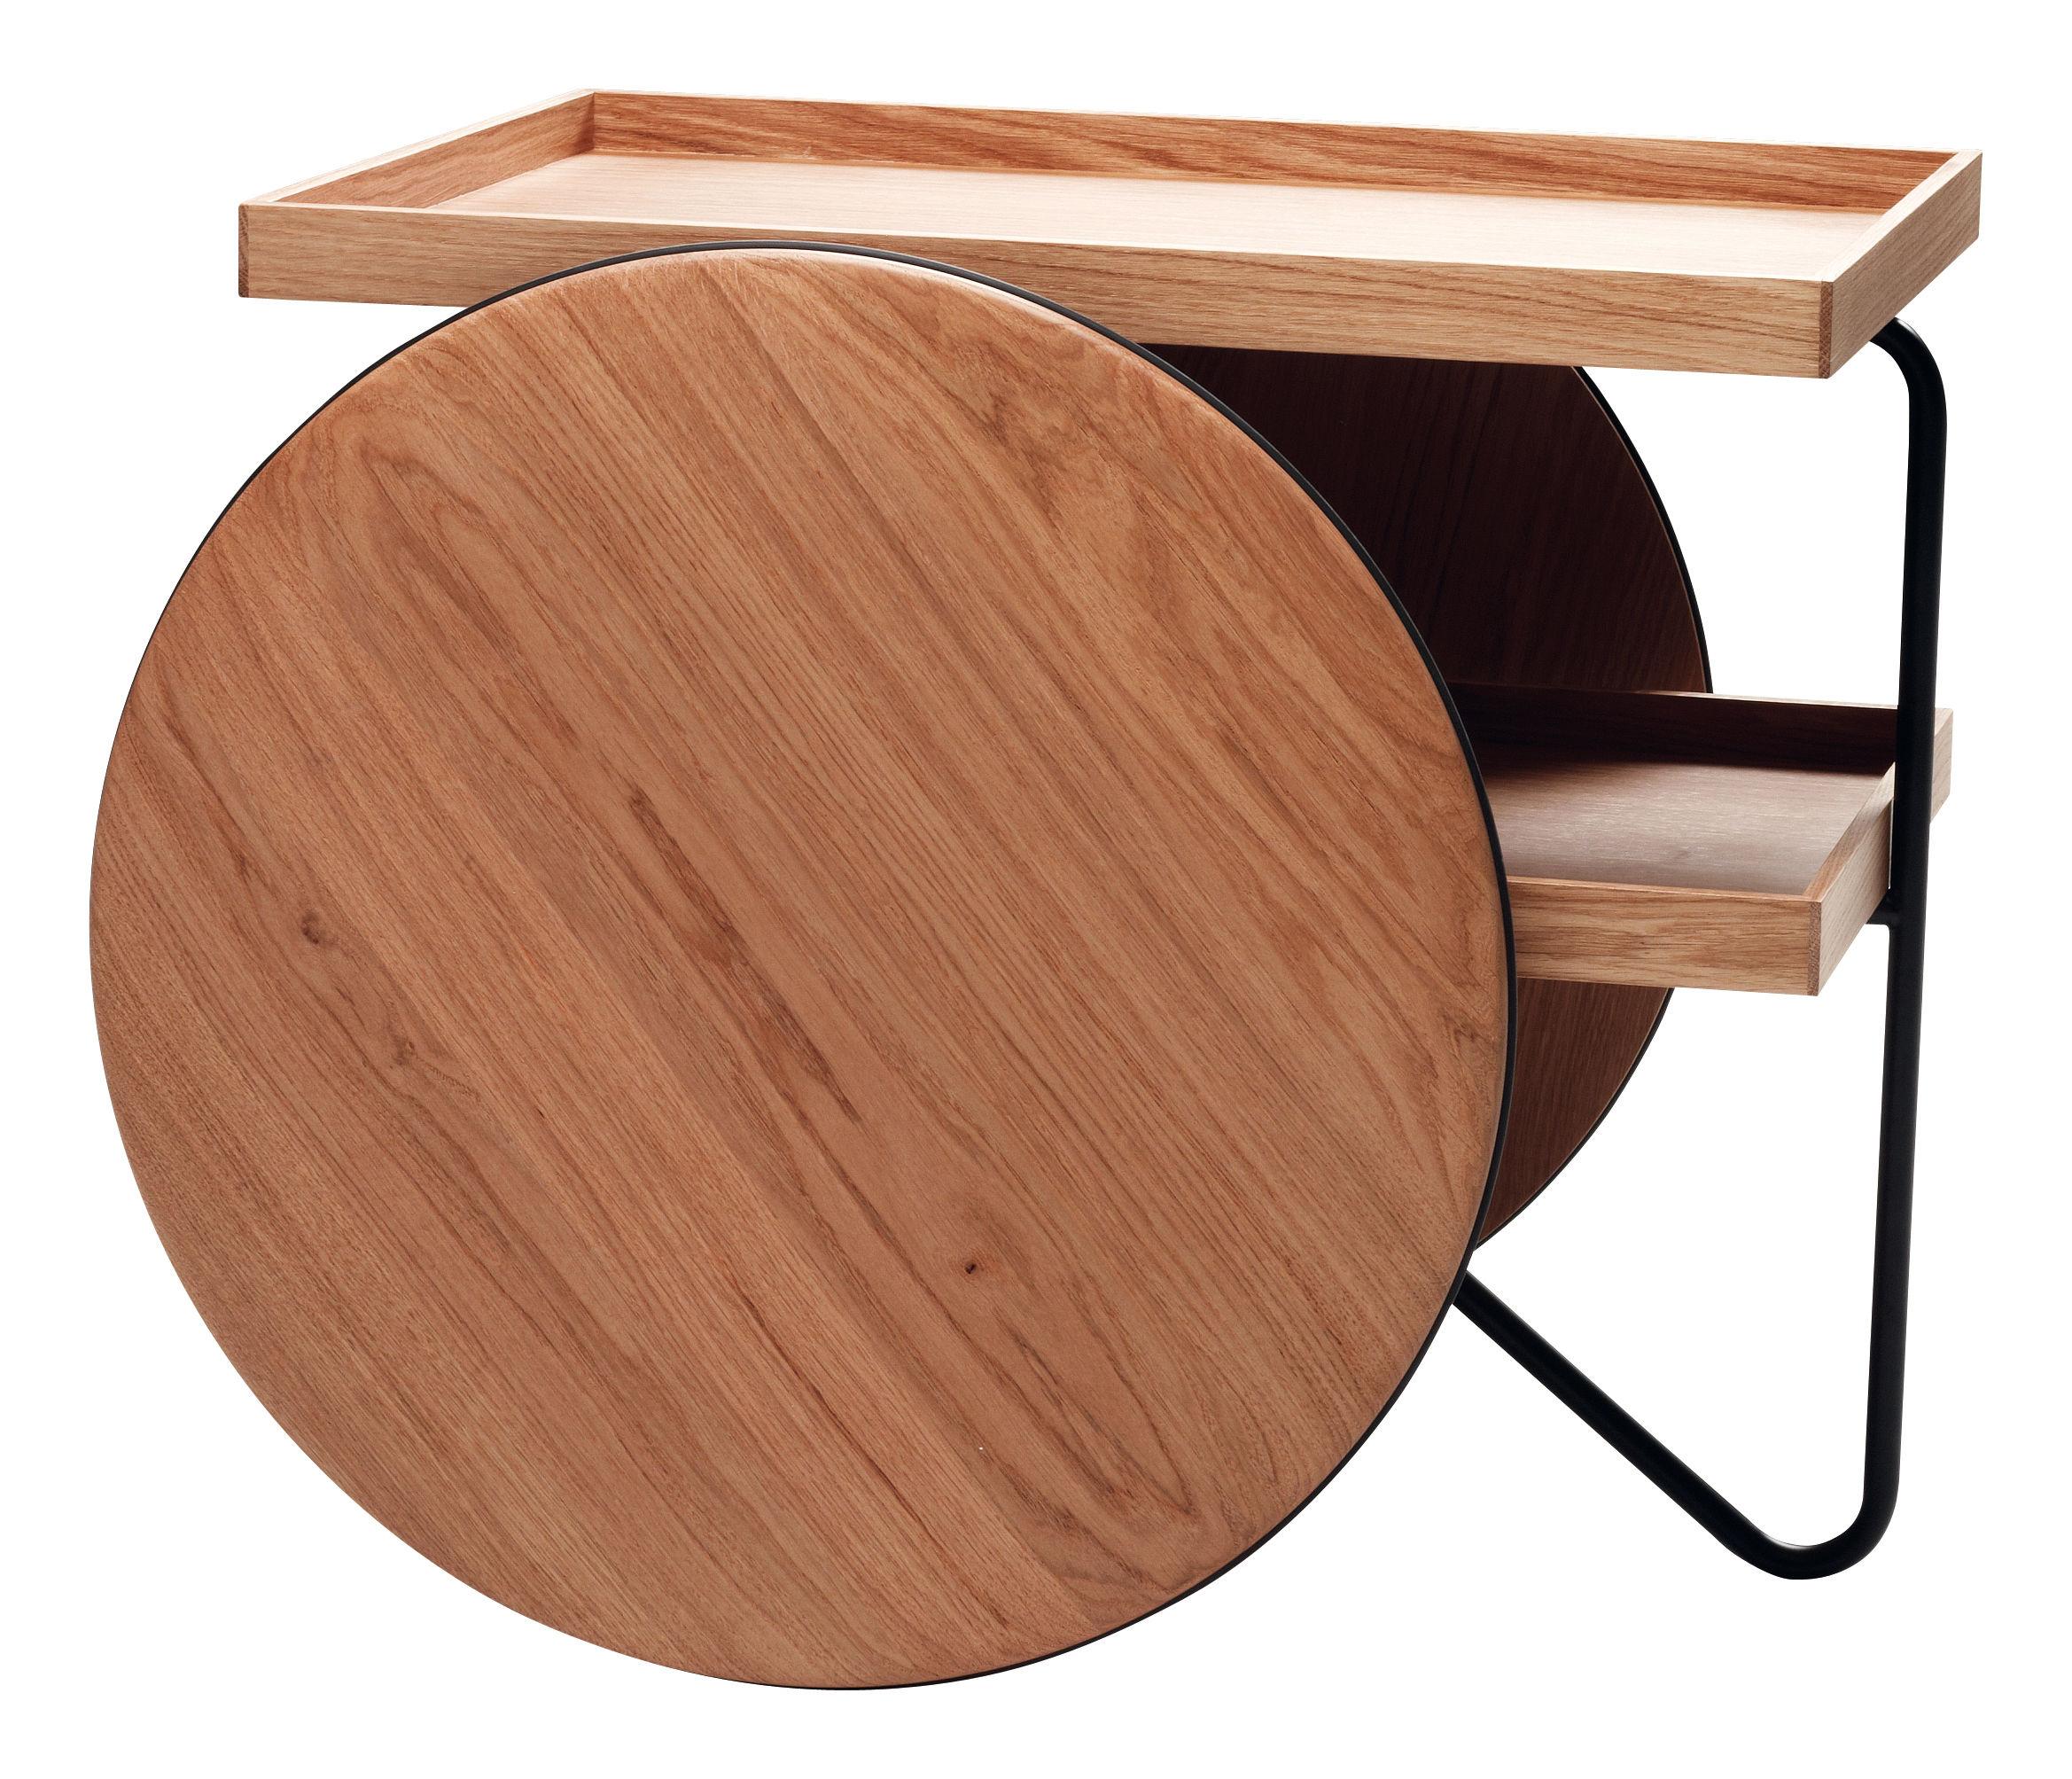 Chariot carrello tavolo d 39 appoggio rovere naturale for Tavolo d appoggio